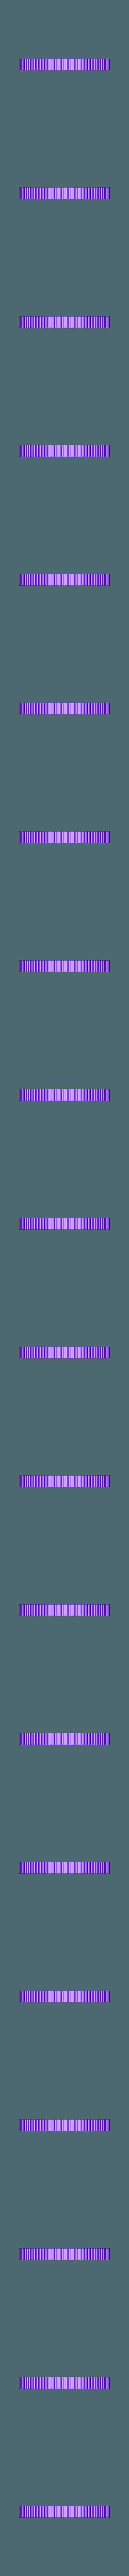 Cap_v2-1.STL Télécharger fichier STL gratuit Boîte pour papier abrasif • Plan imprimable en 3D, perinski